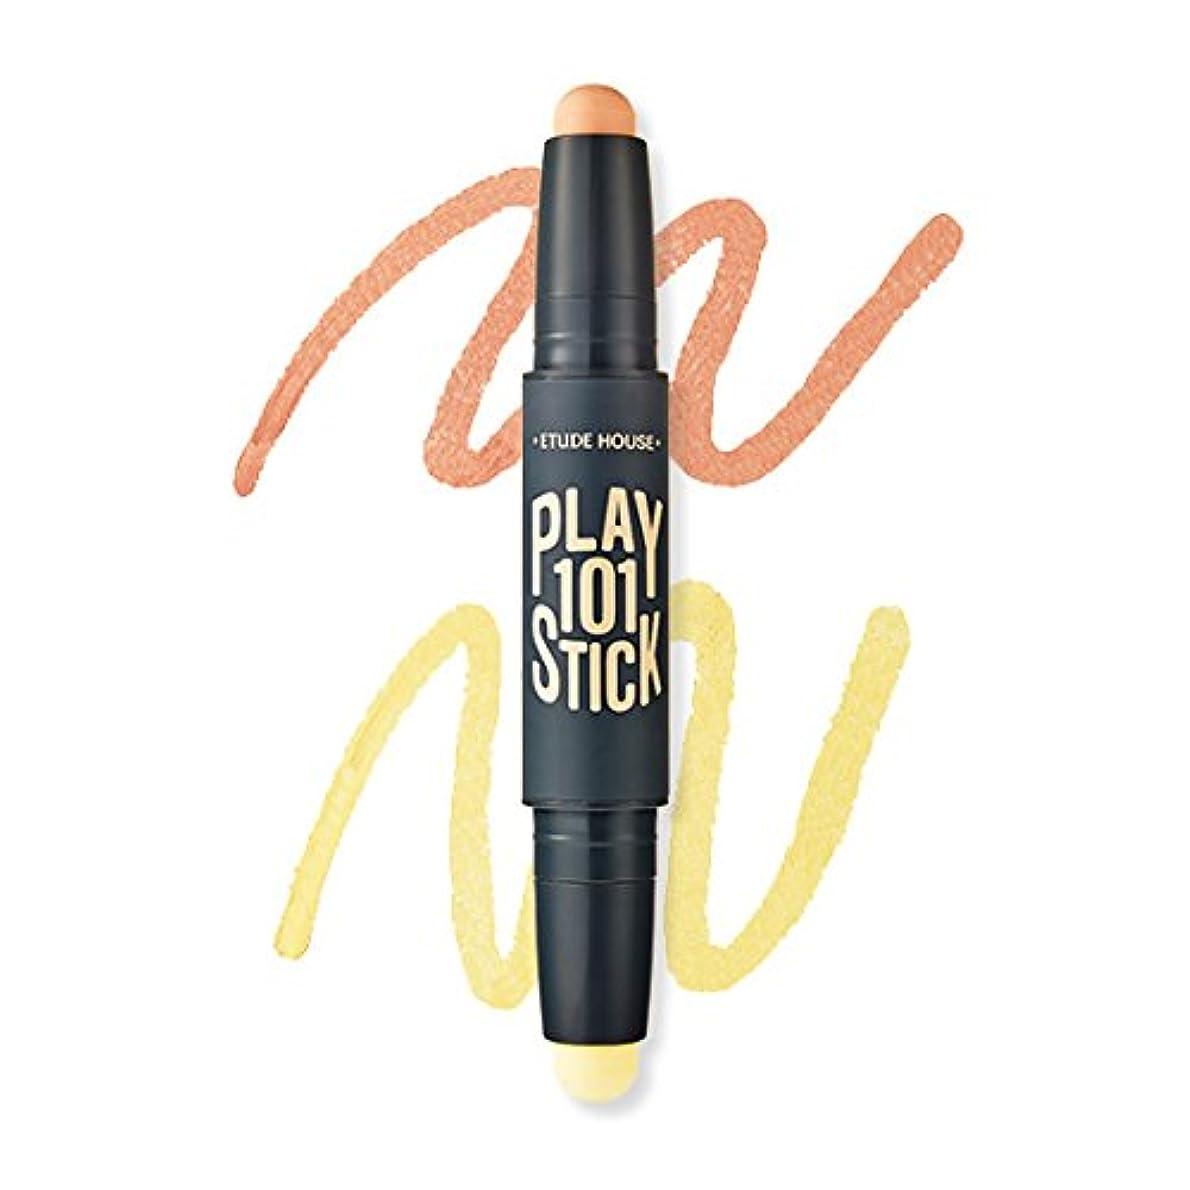 明らかに福祉拍車[New] ETUDE HOUSE Play 101 Stick Color Contour Duo/エチュードハウス プレイ 101 スティック カラー コンツアー デュオ (#01 Blue Out:Peach Orange+Yellow)